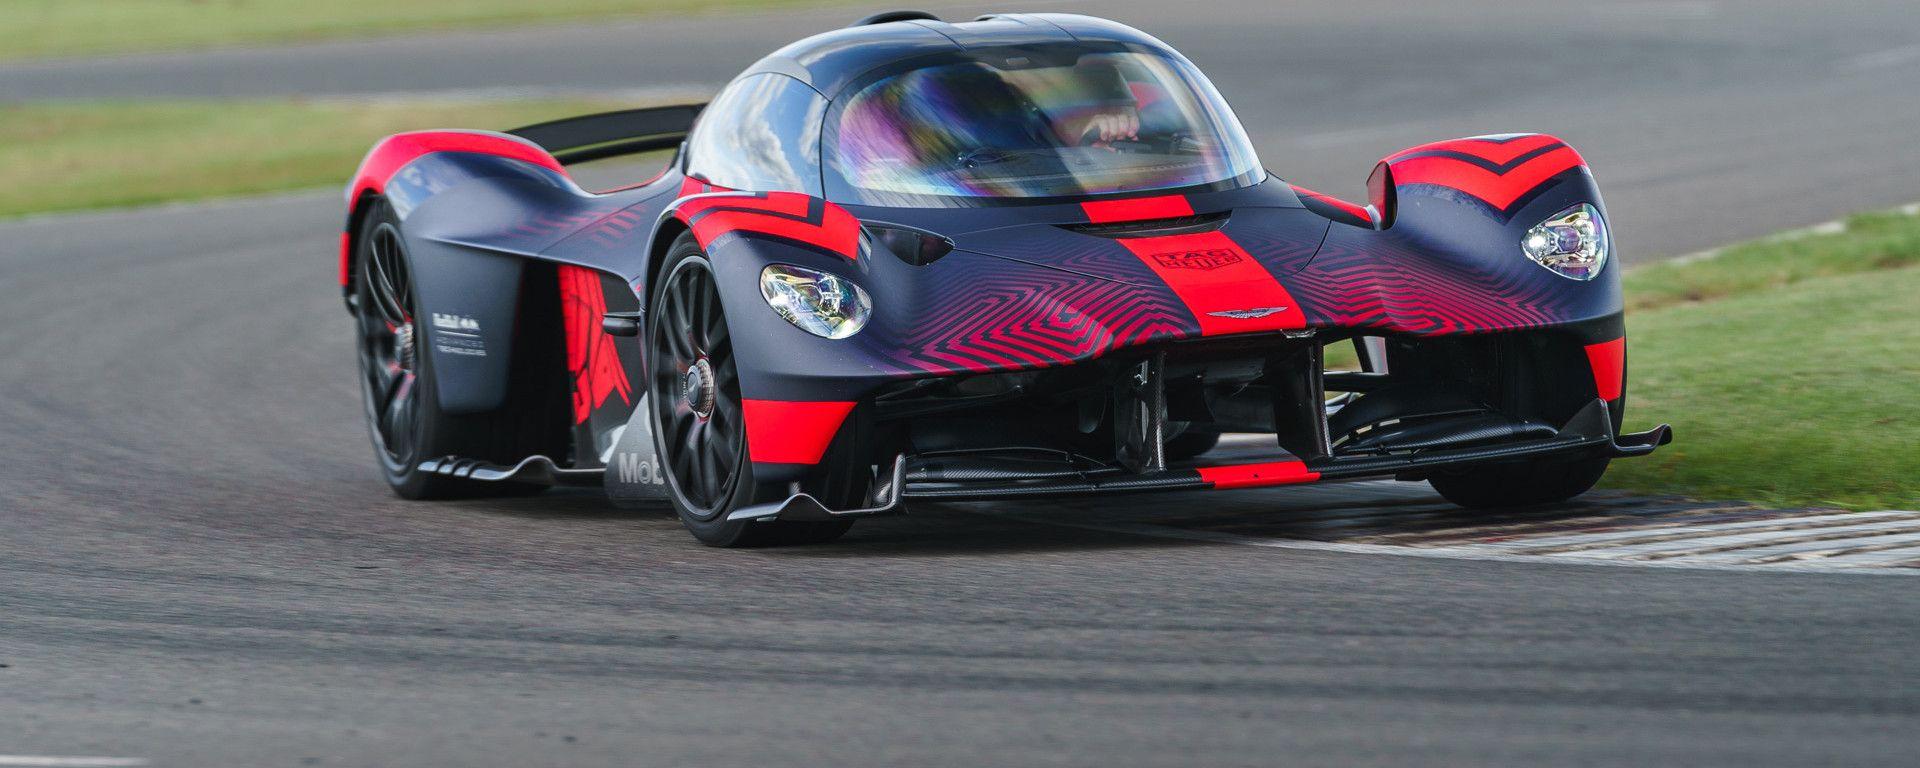 Aston Martin Valkyrie: 1.000 CV da un motore aspirato, ma la T50 la supera per CV/l